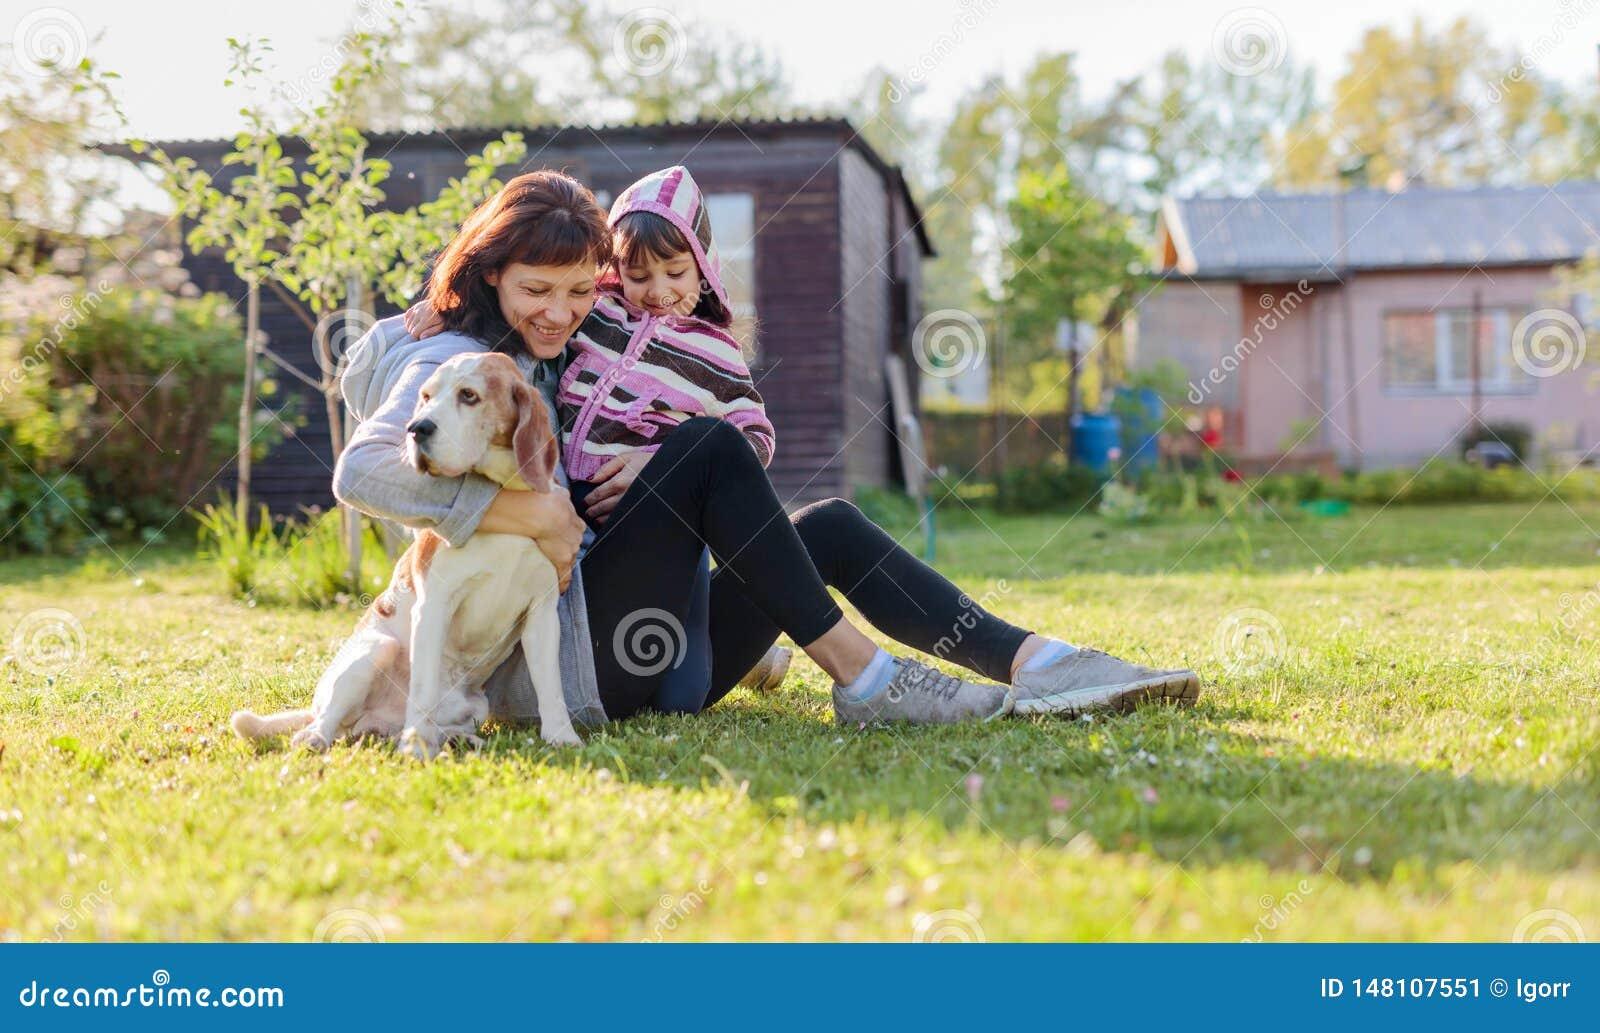 Γιαγιά με το παιχνίδι εγγονών και σκυλιών στο χορτοτάπητα ηλιοθεραπείας